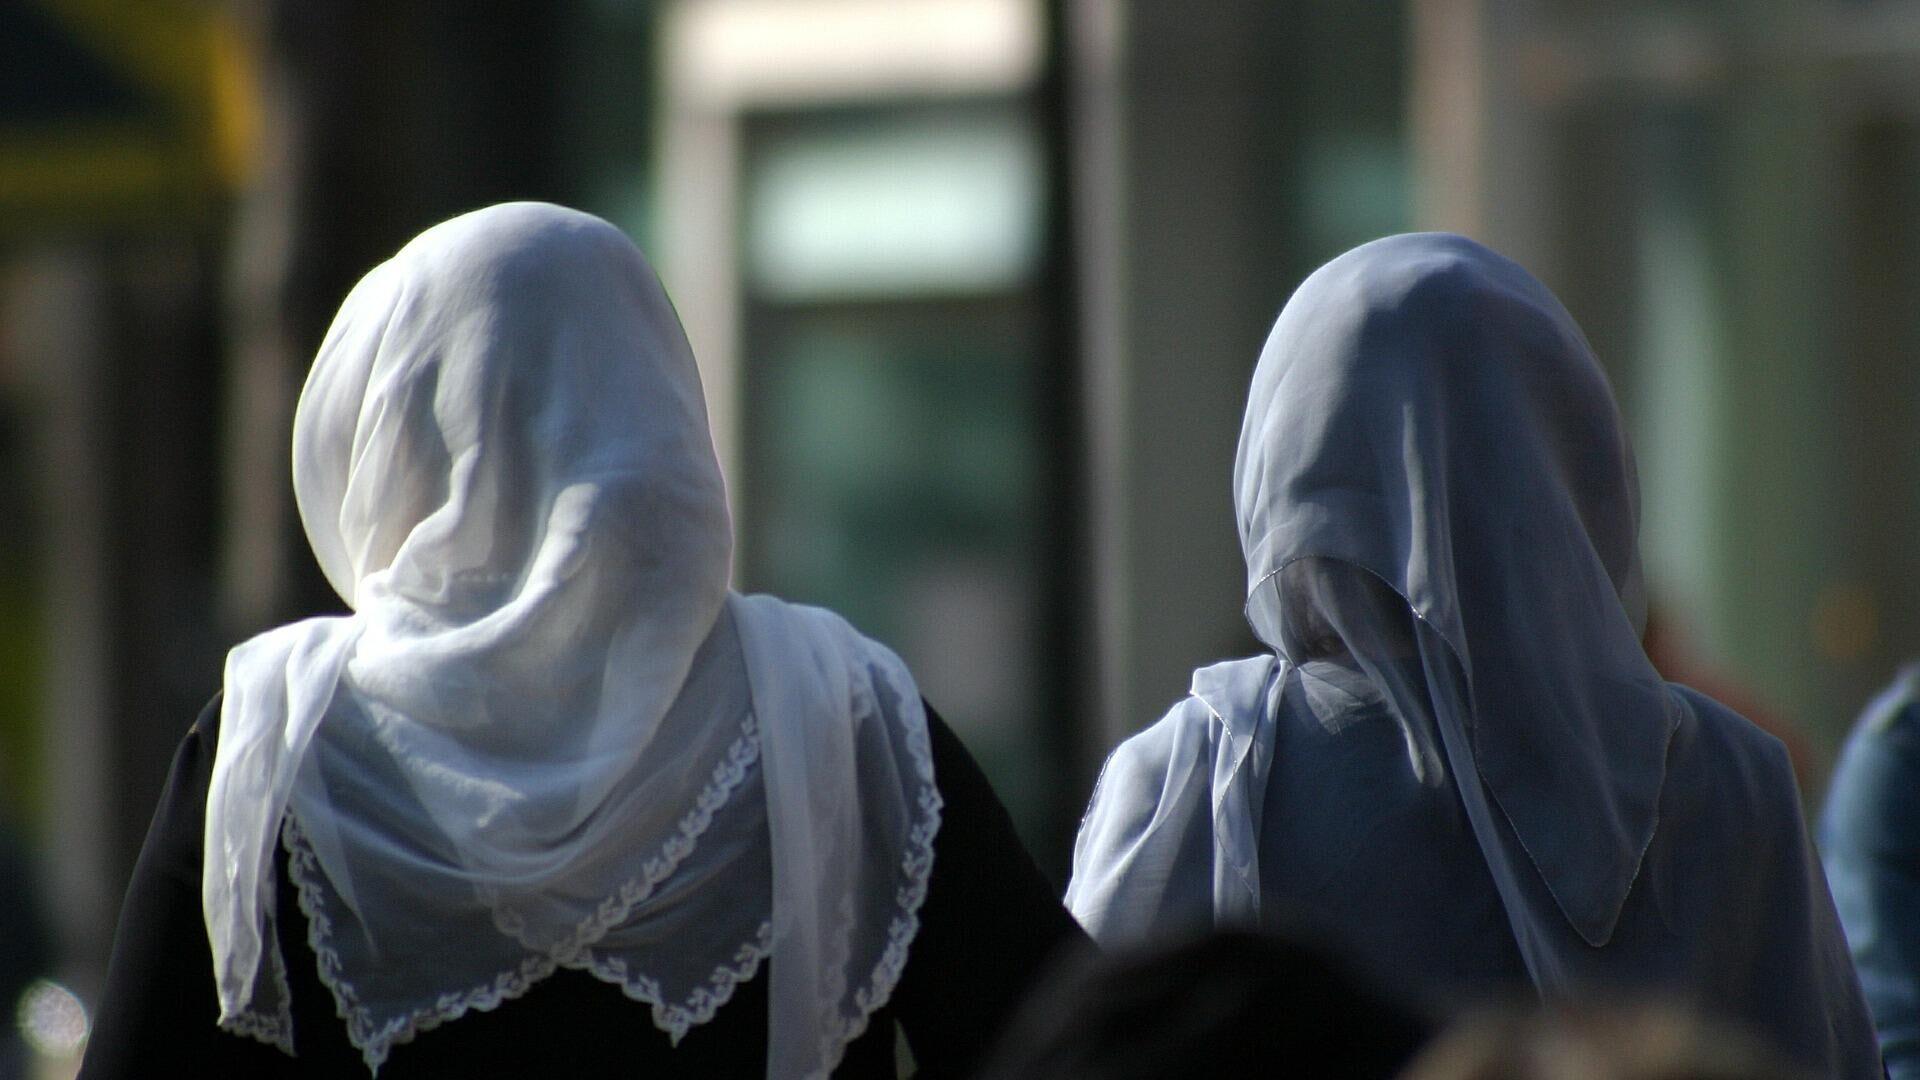 Frauen mit Kopftüchern (Symbolbild) - SNA, 1920, 28.09.2021